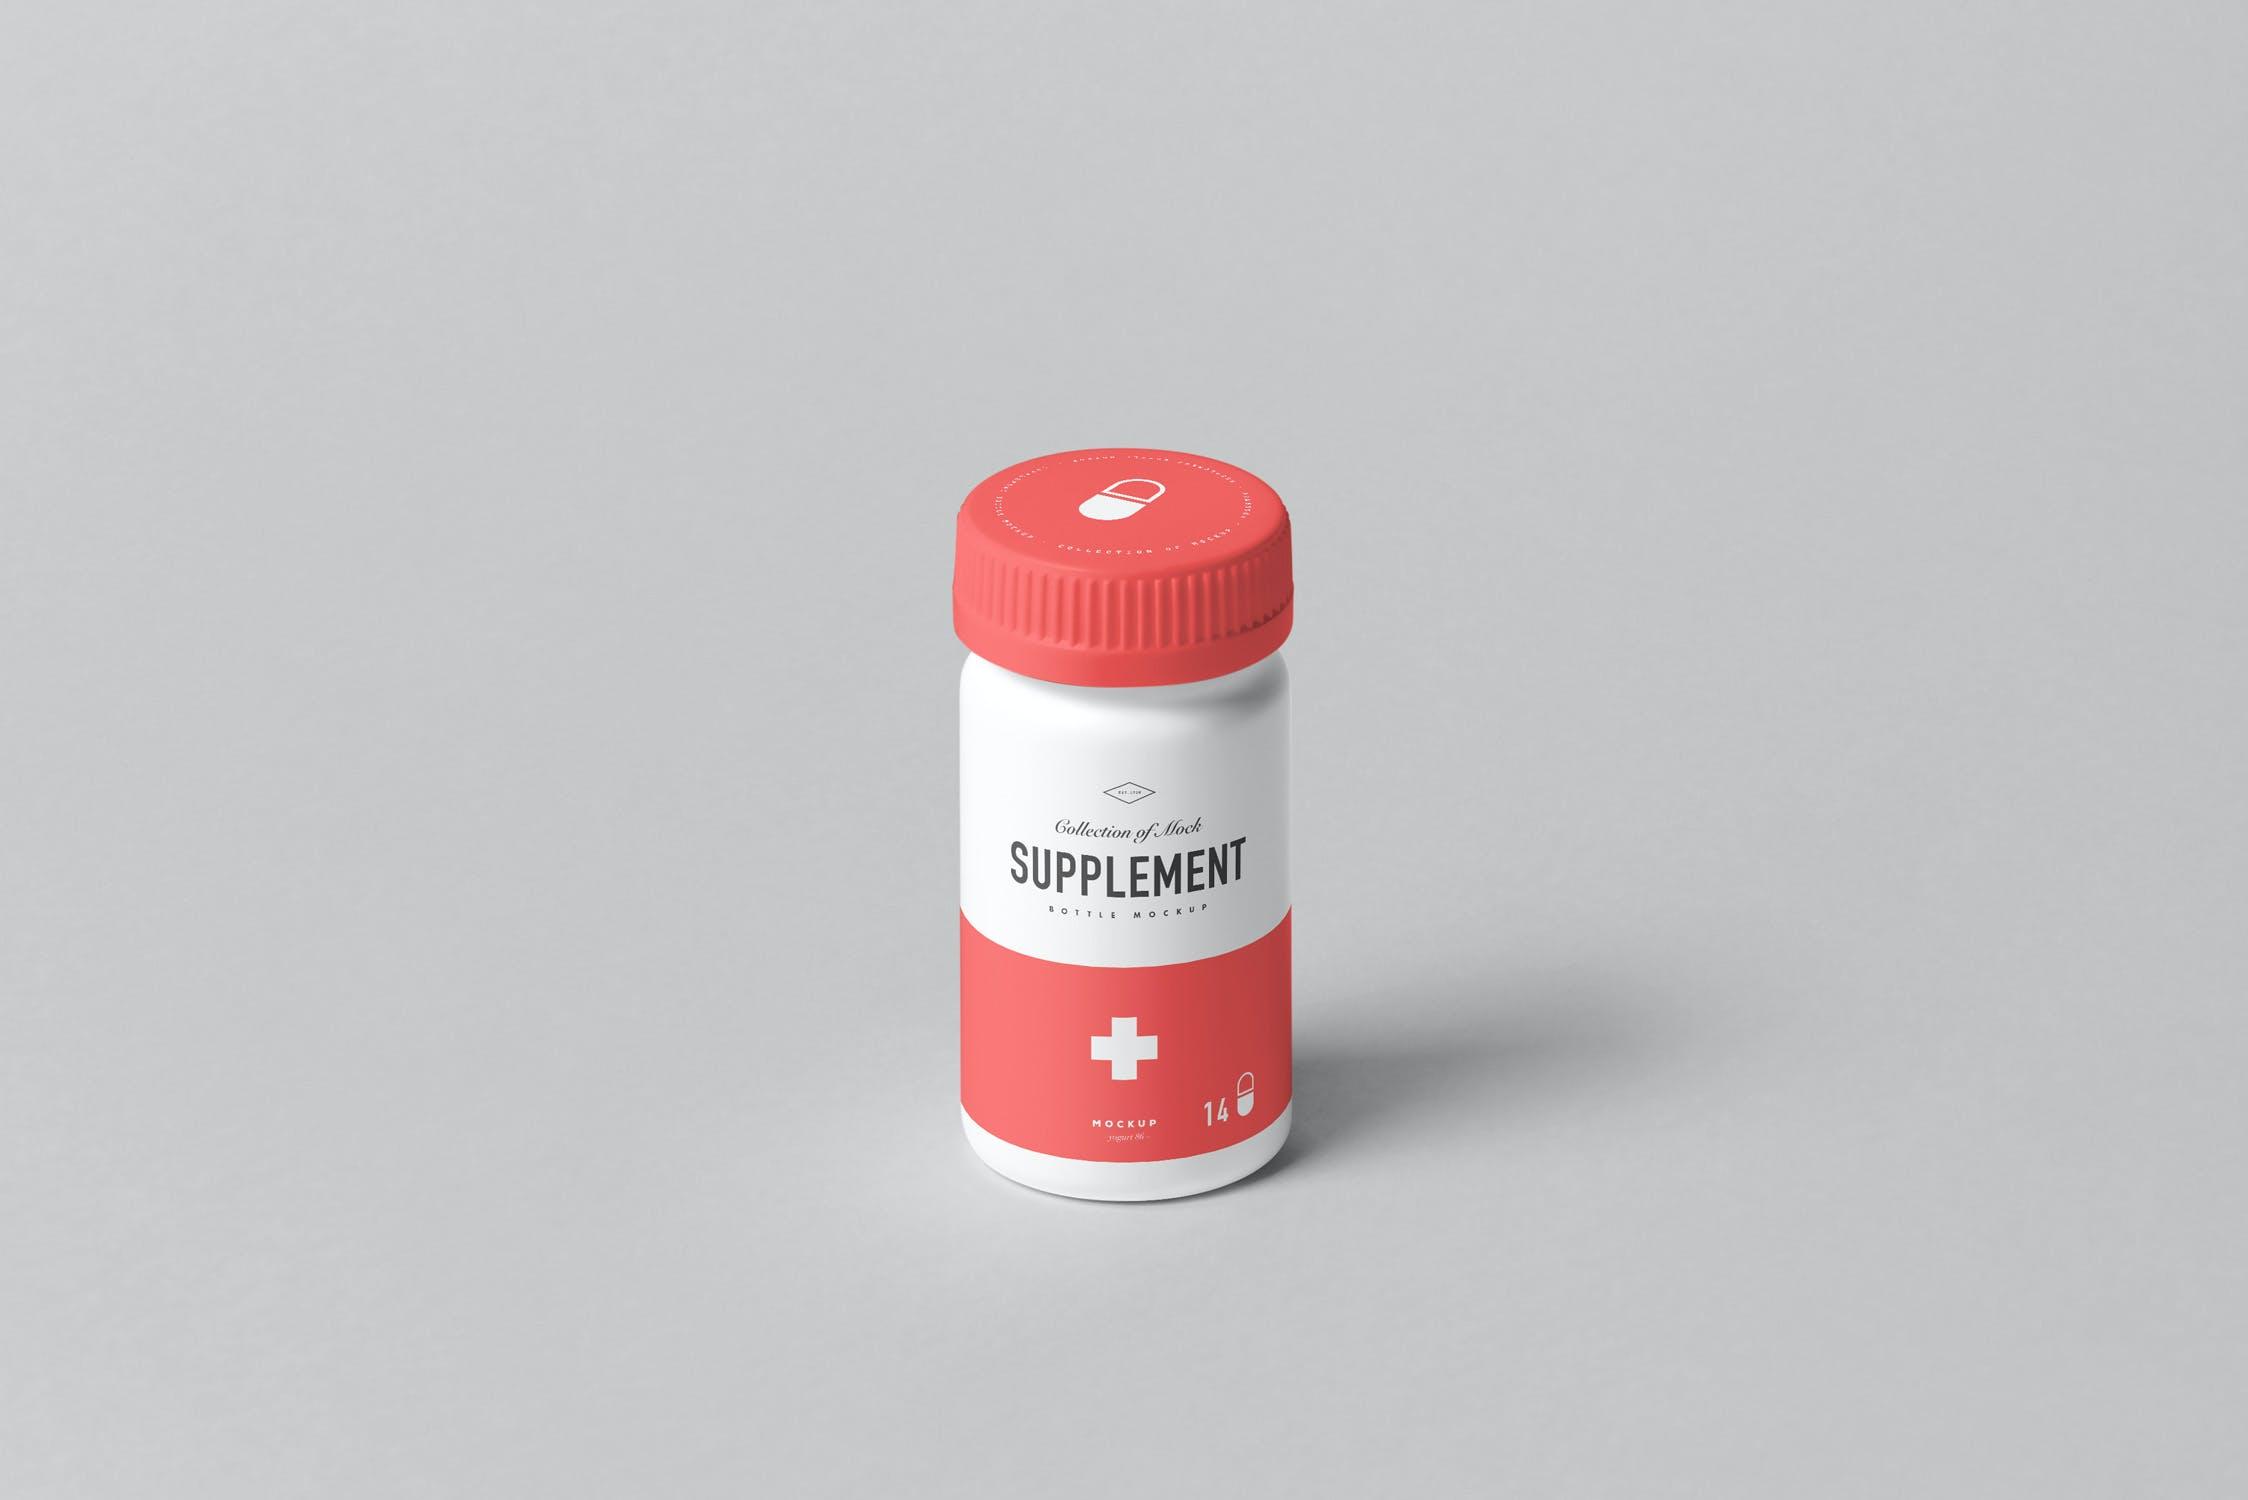 9款药物塑料补充瓶包装纸盒设计展示样机模板 Supplement Jar & Box Mockup 4插图(1)